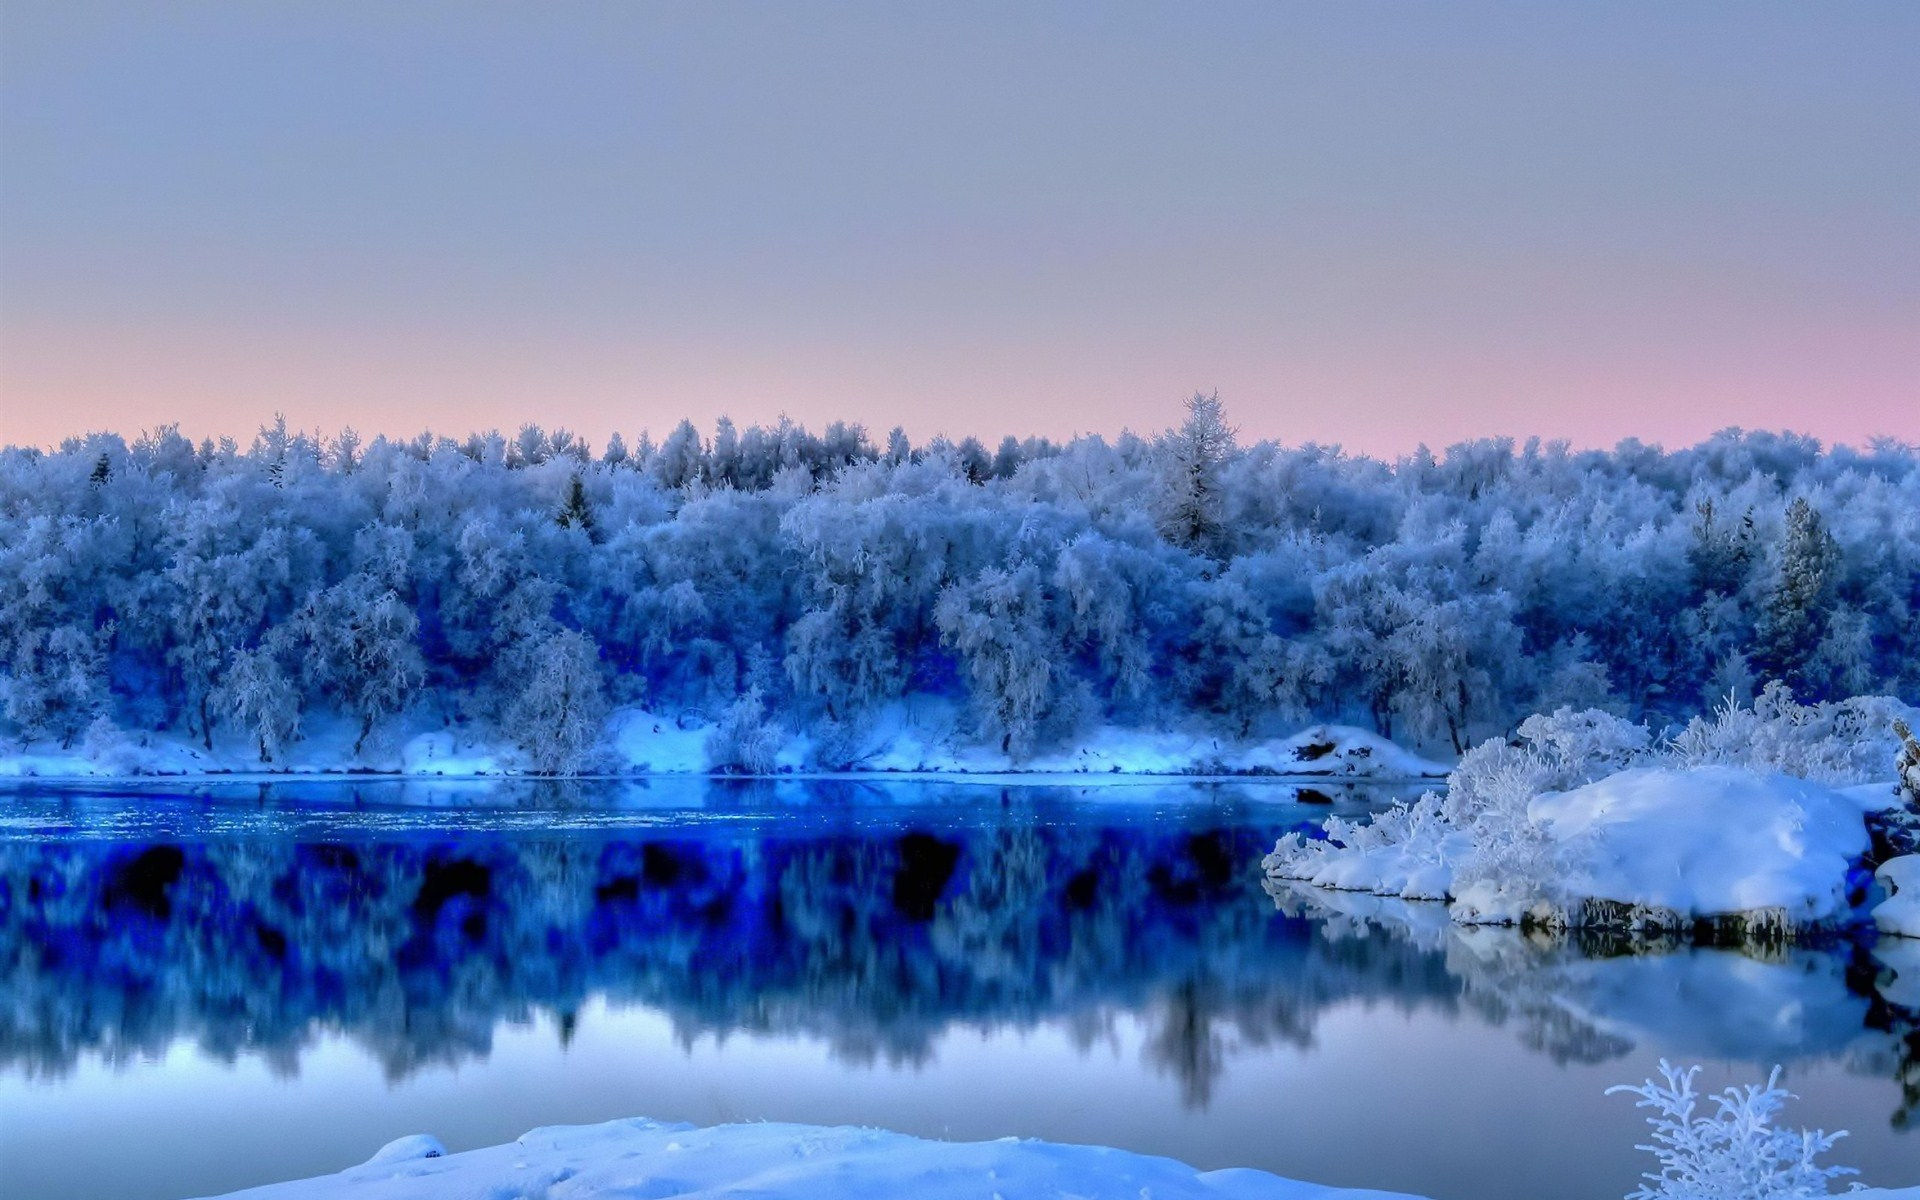 عکس زمستان زیبا برای پروفایل